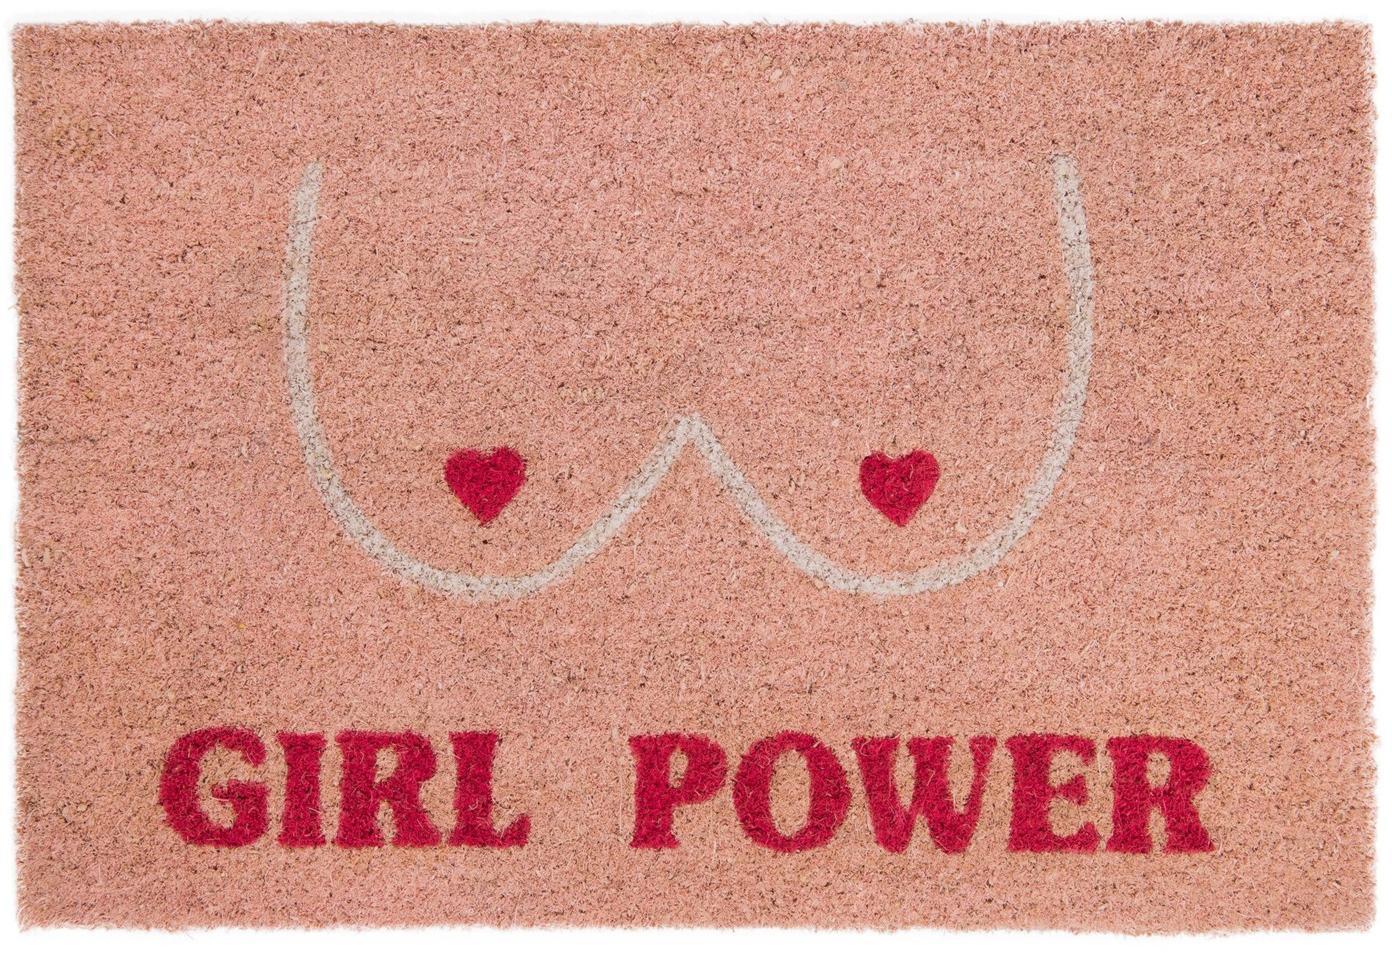 Fussmatte Girl Power, Oberseite: Kokosfaser, Unterseite: PVC, Rosa, Rot, Beige, 40 x 60 cm